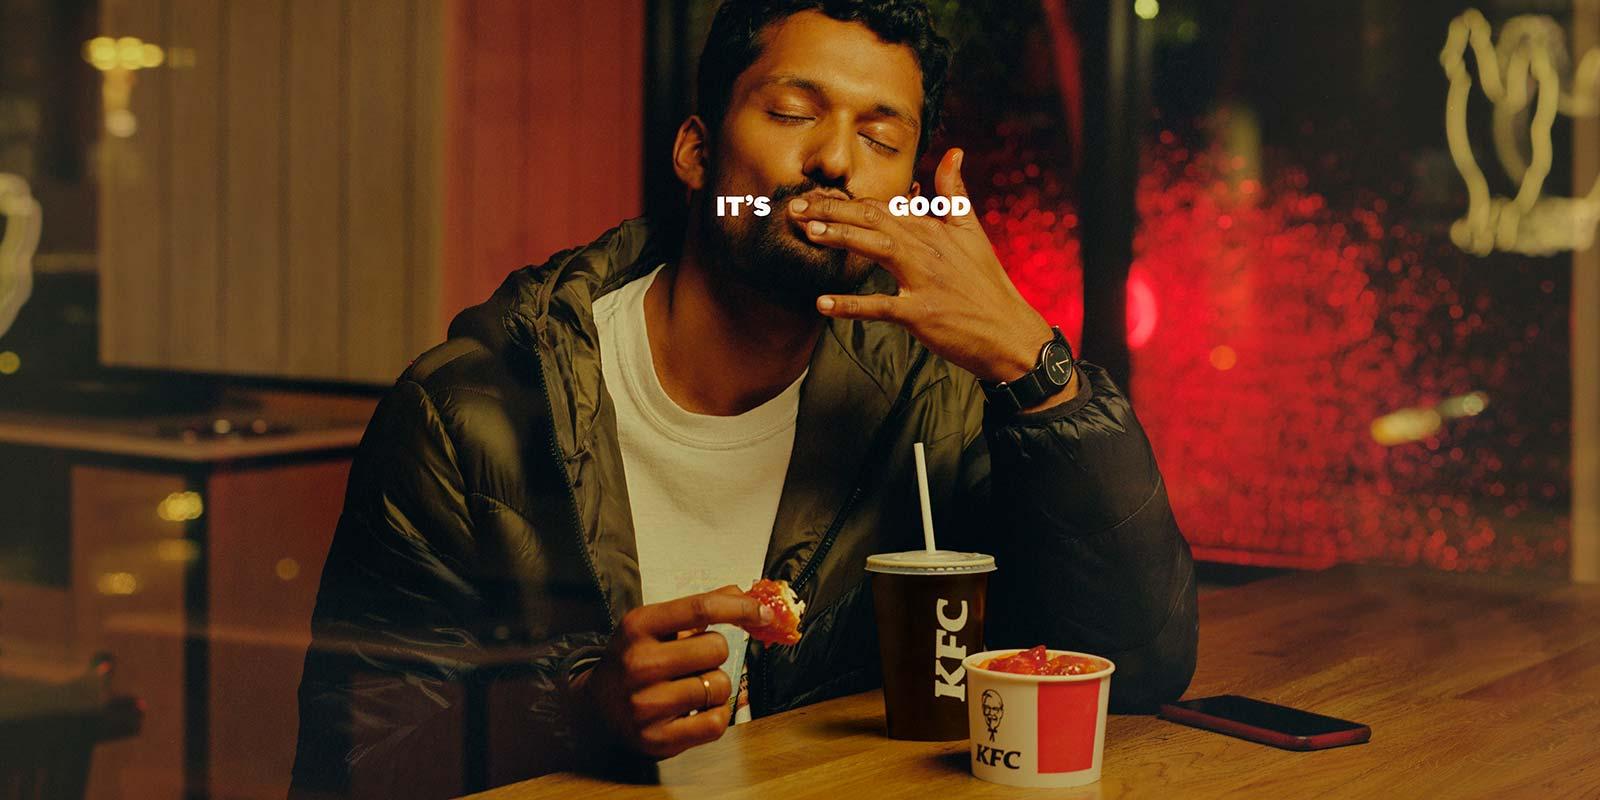 KFC Brand Image